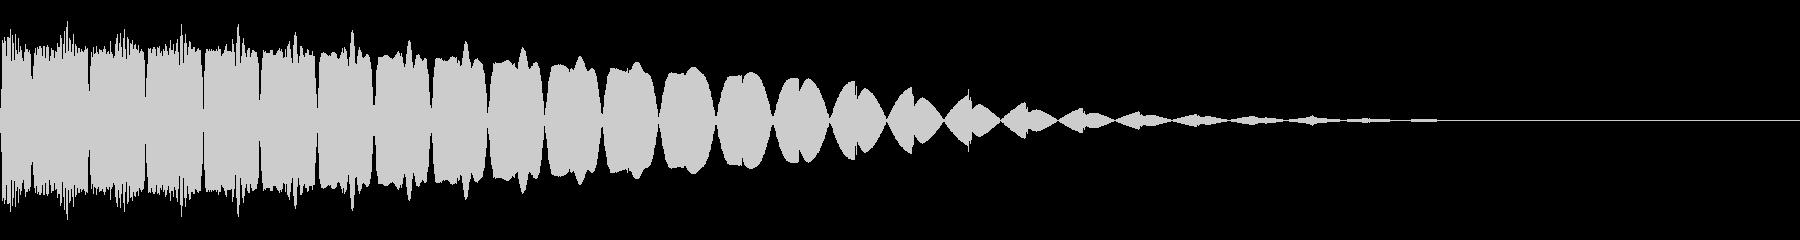 ポロロロ(弾/レーザー/SF/ゲームの未再生の波形